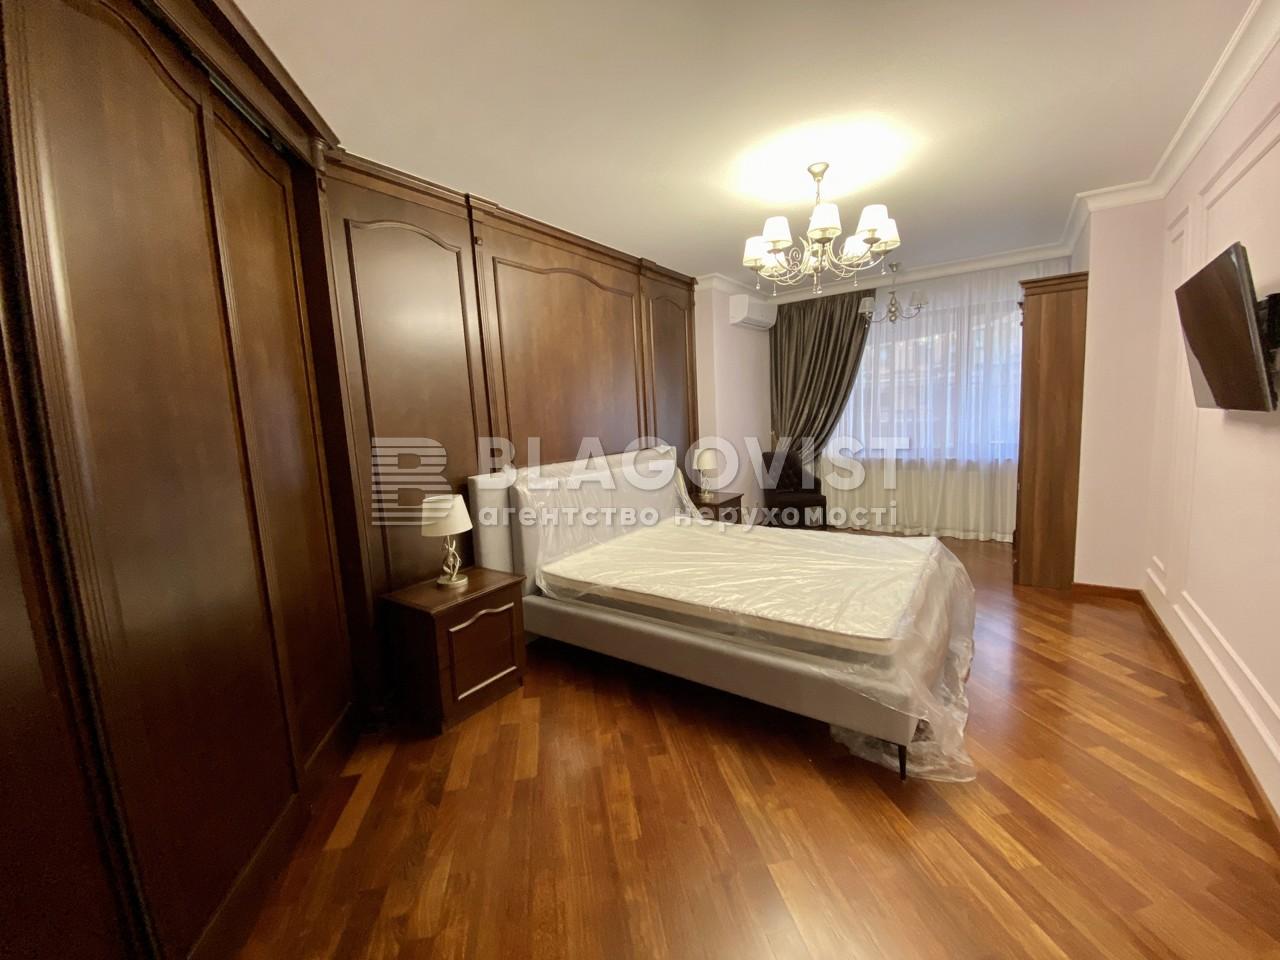 Квартира H-47355, Старонаводницкая, 13, Киев - Фото 13